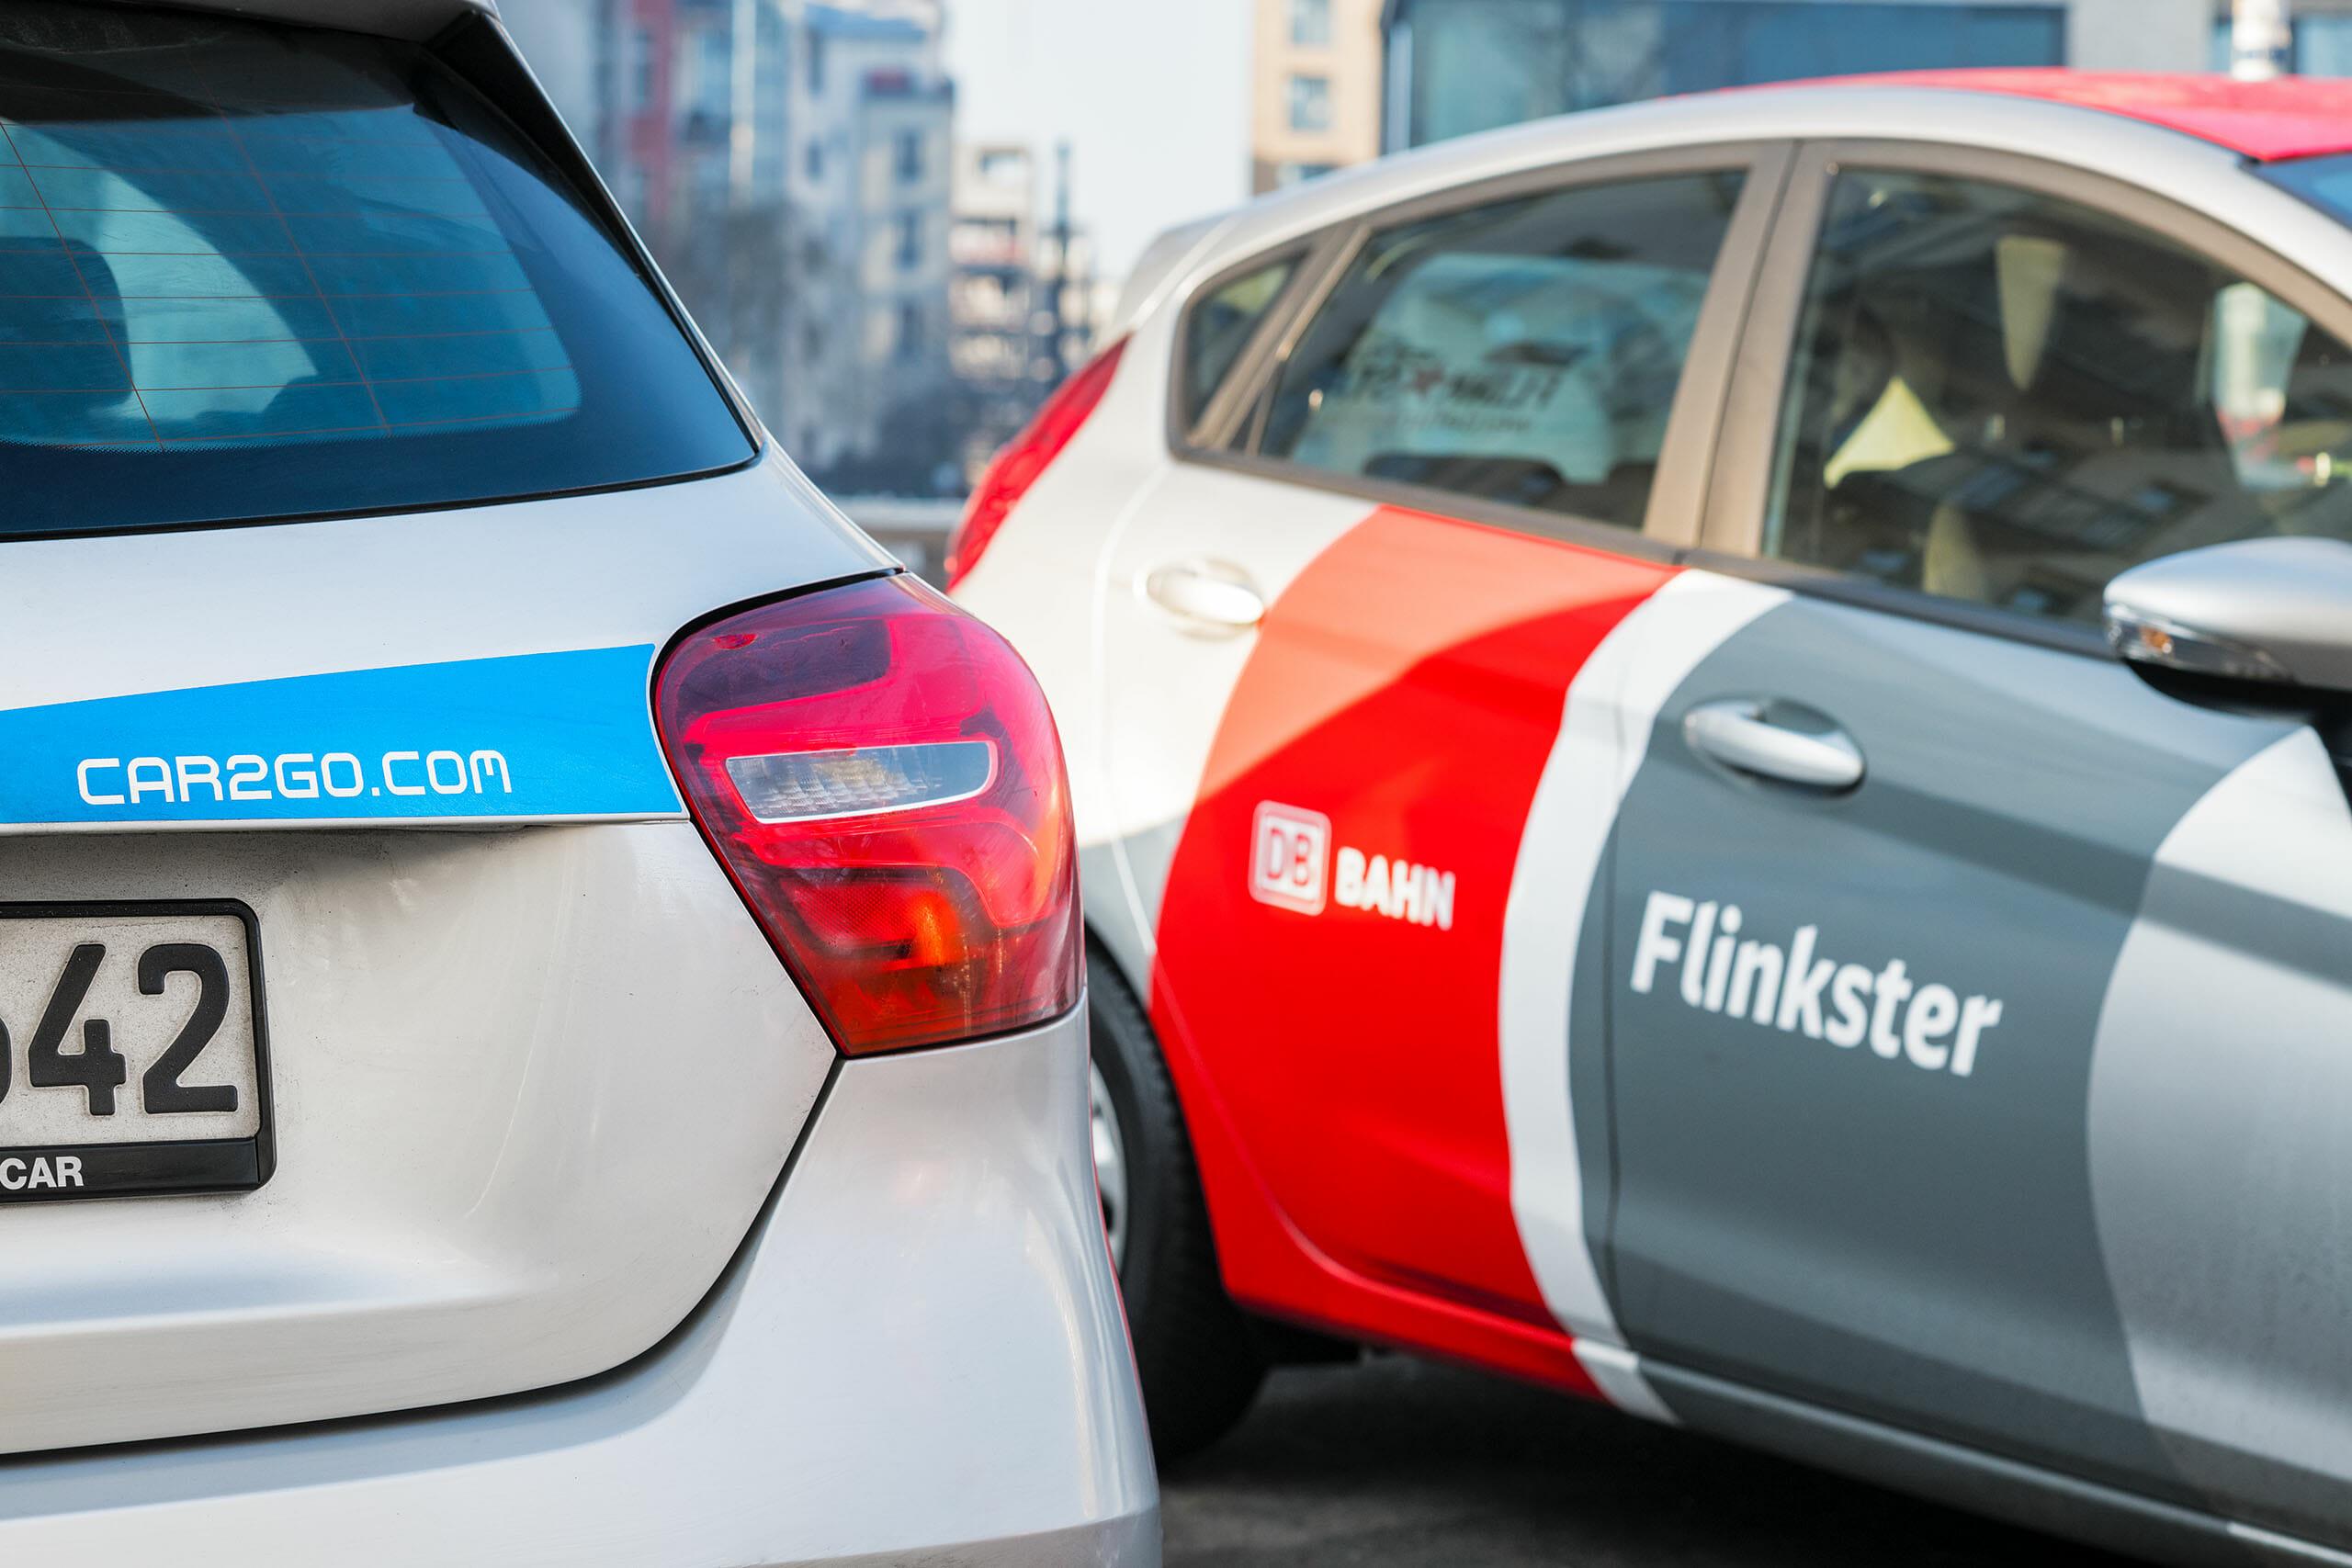 car2go und Flinkster nebeneinander